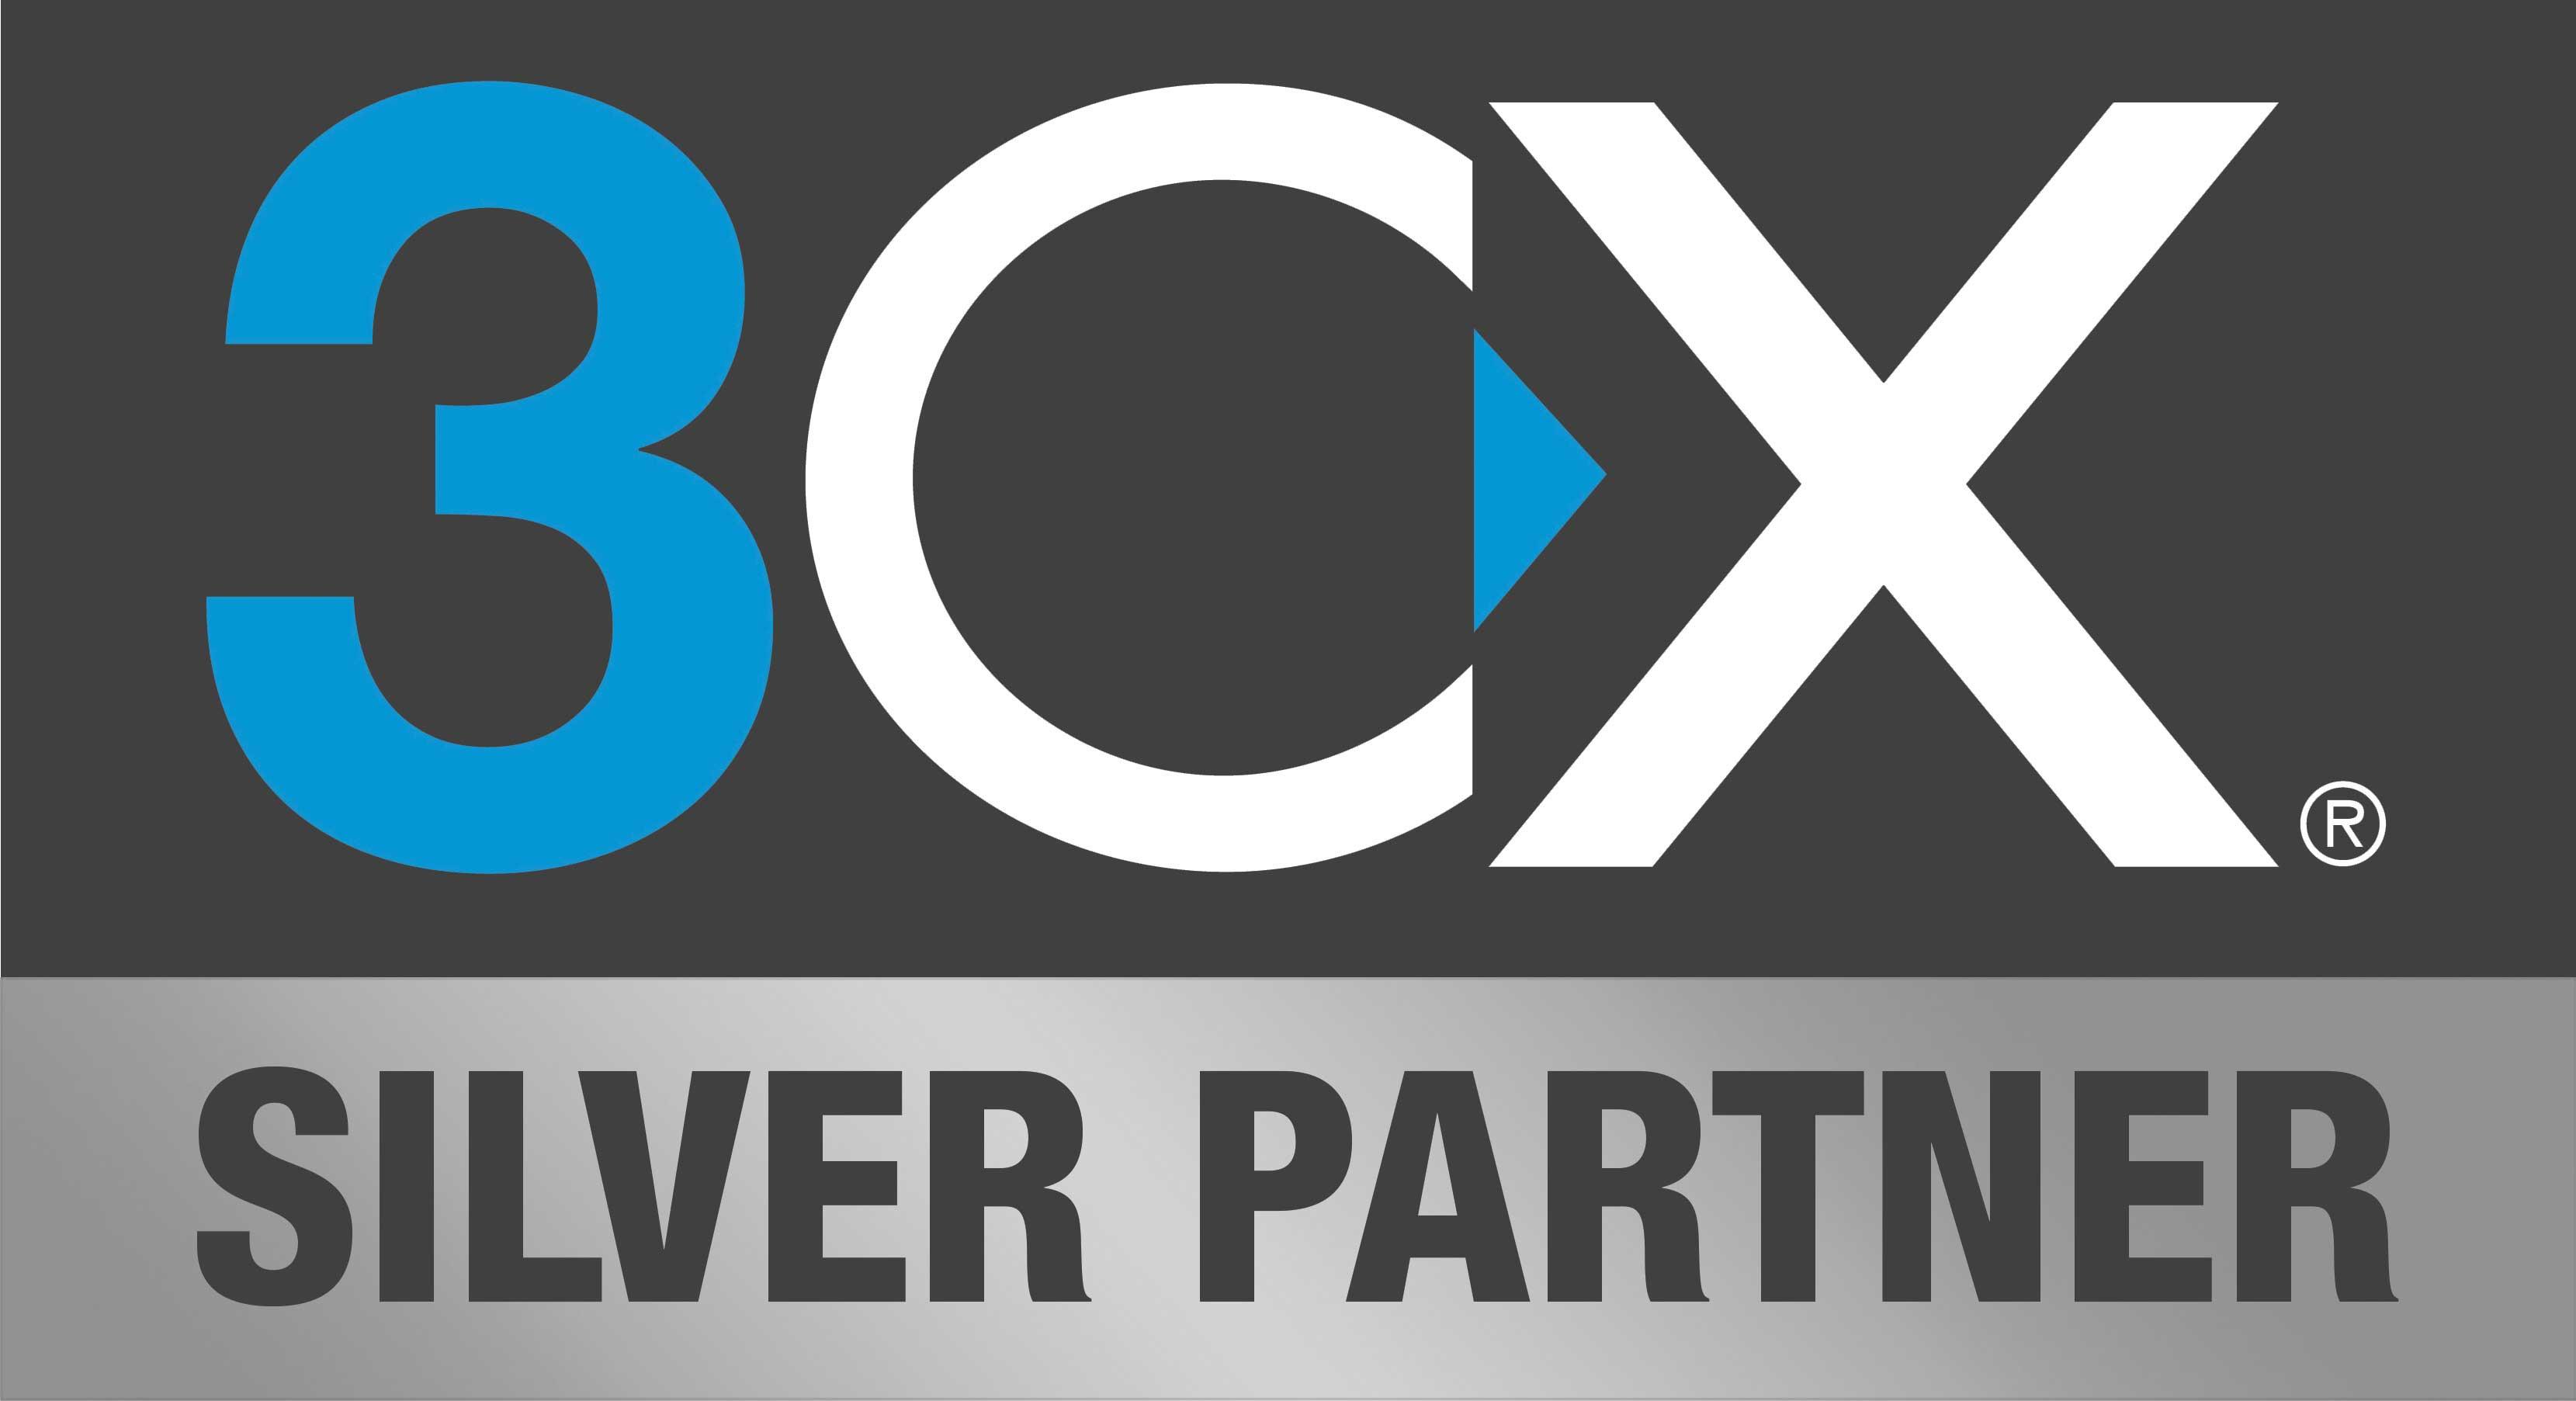 Buffalo 3cx Silver partner